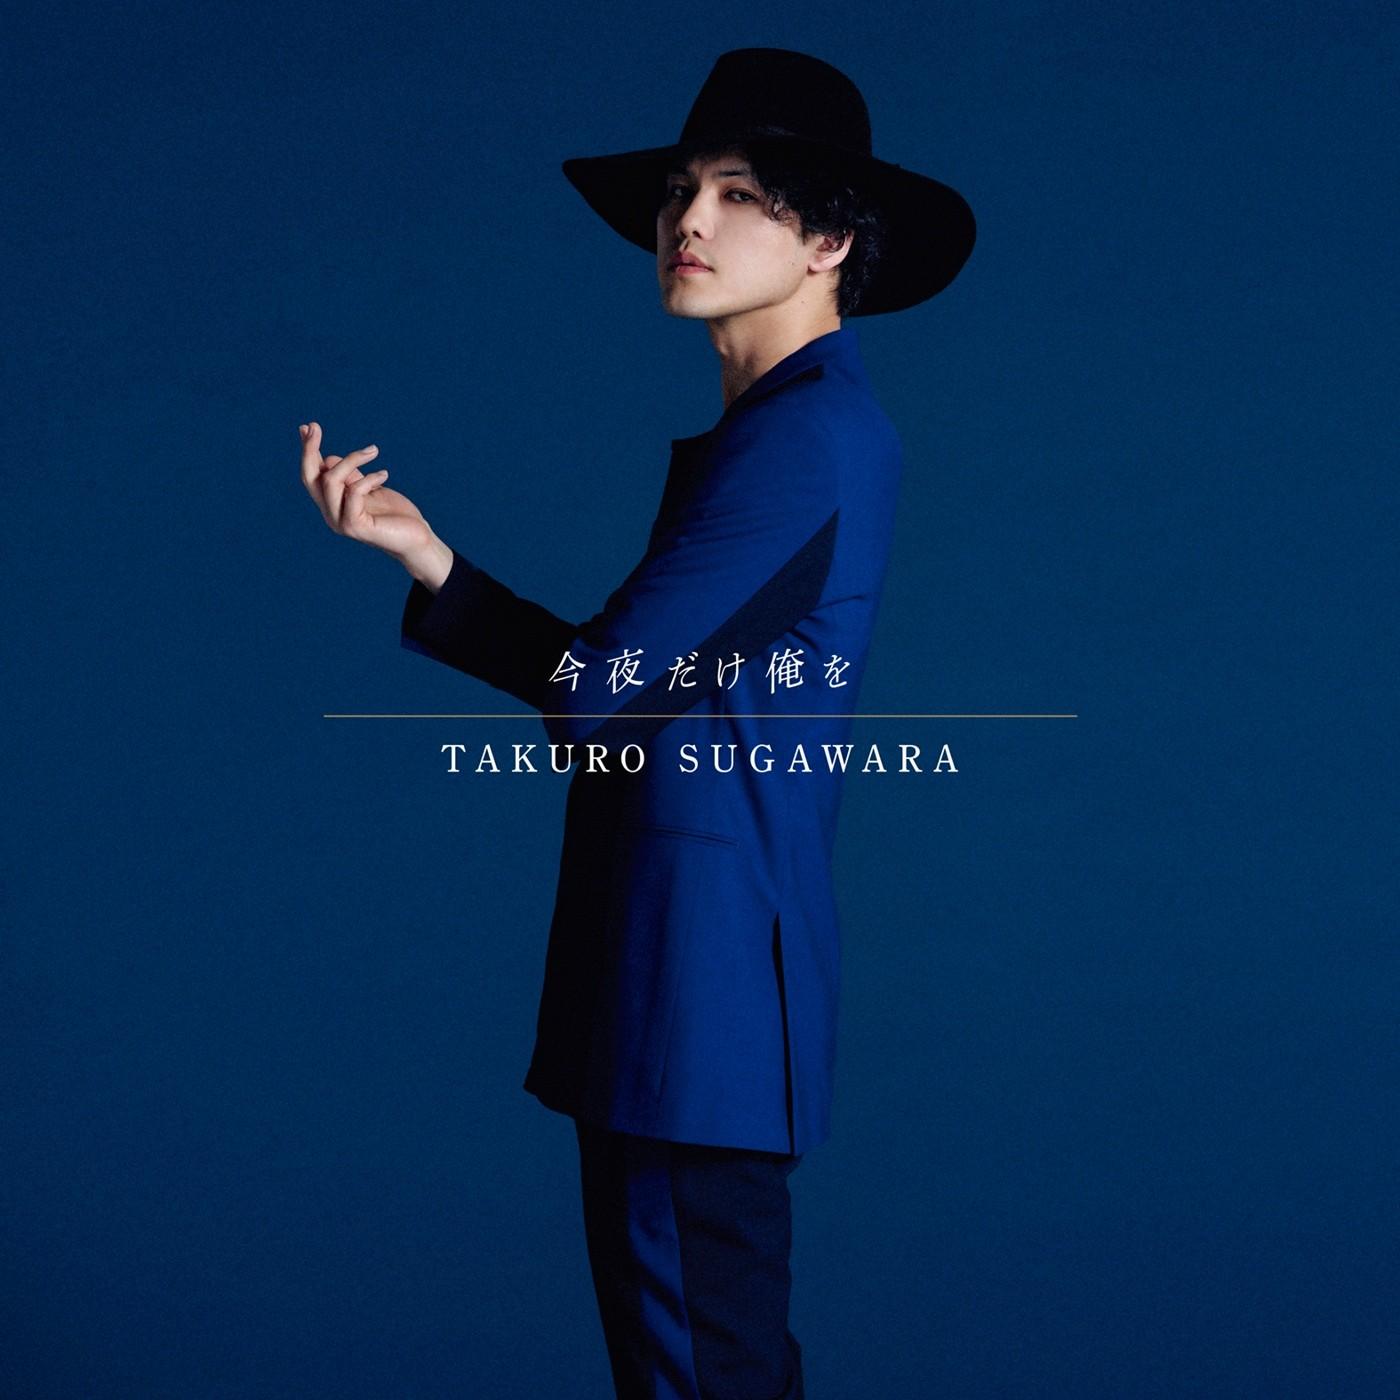 菅原卓郎 (Takuro Sugawara) – 今夜だけ俺を [FLAC + MP3 VBR / WEB] [2018.06.13]